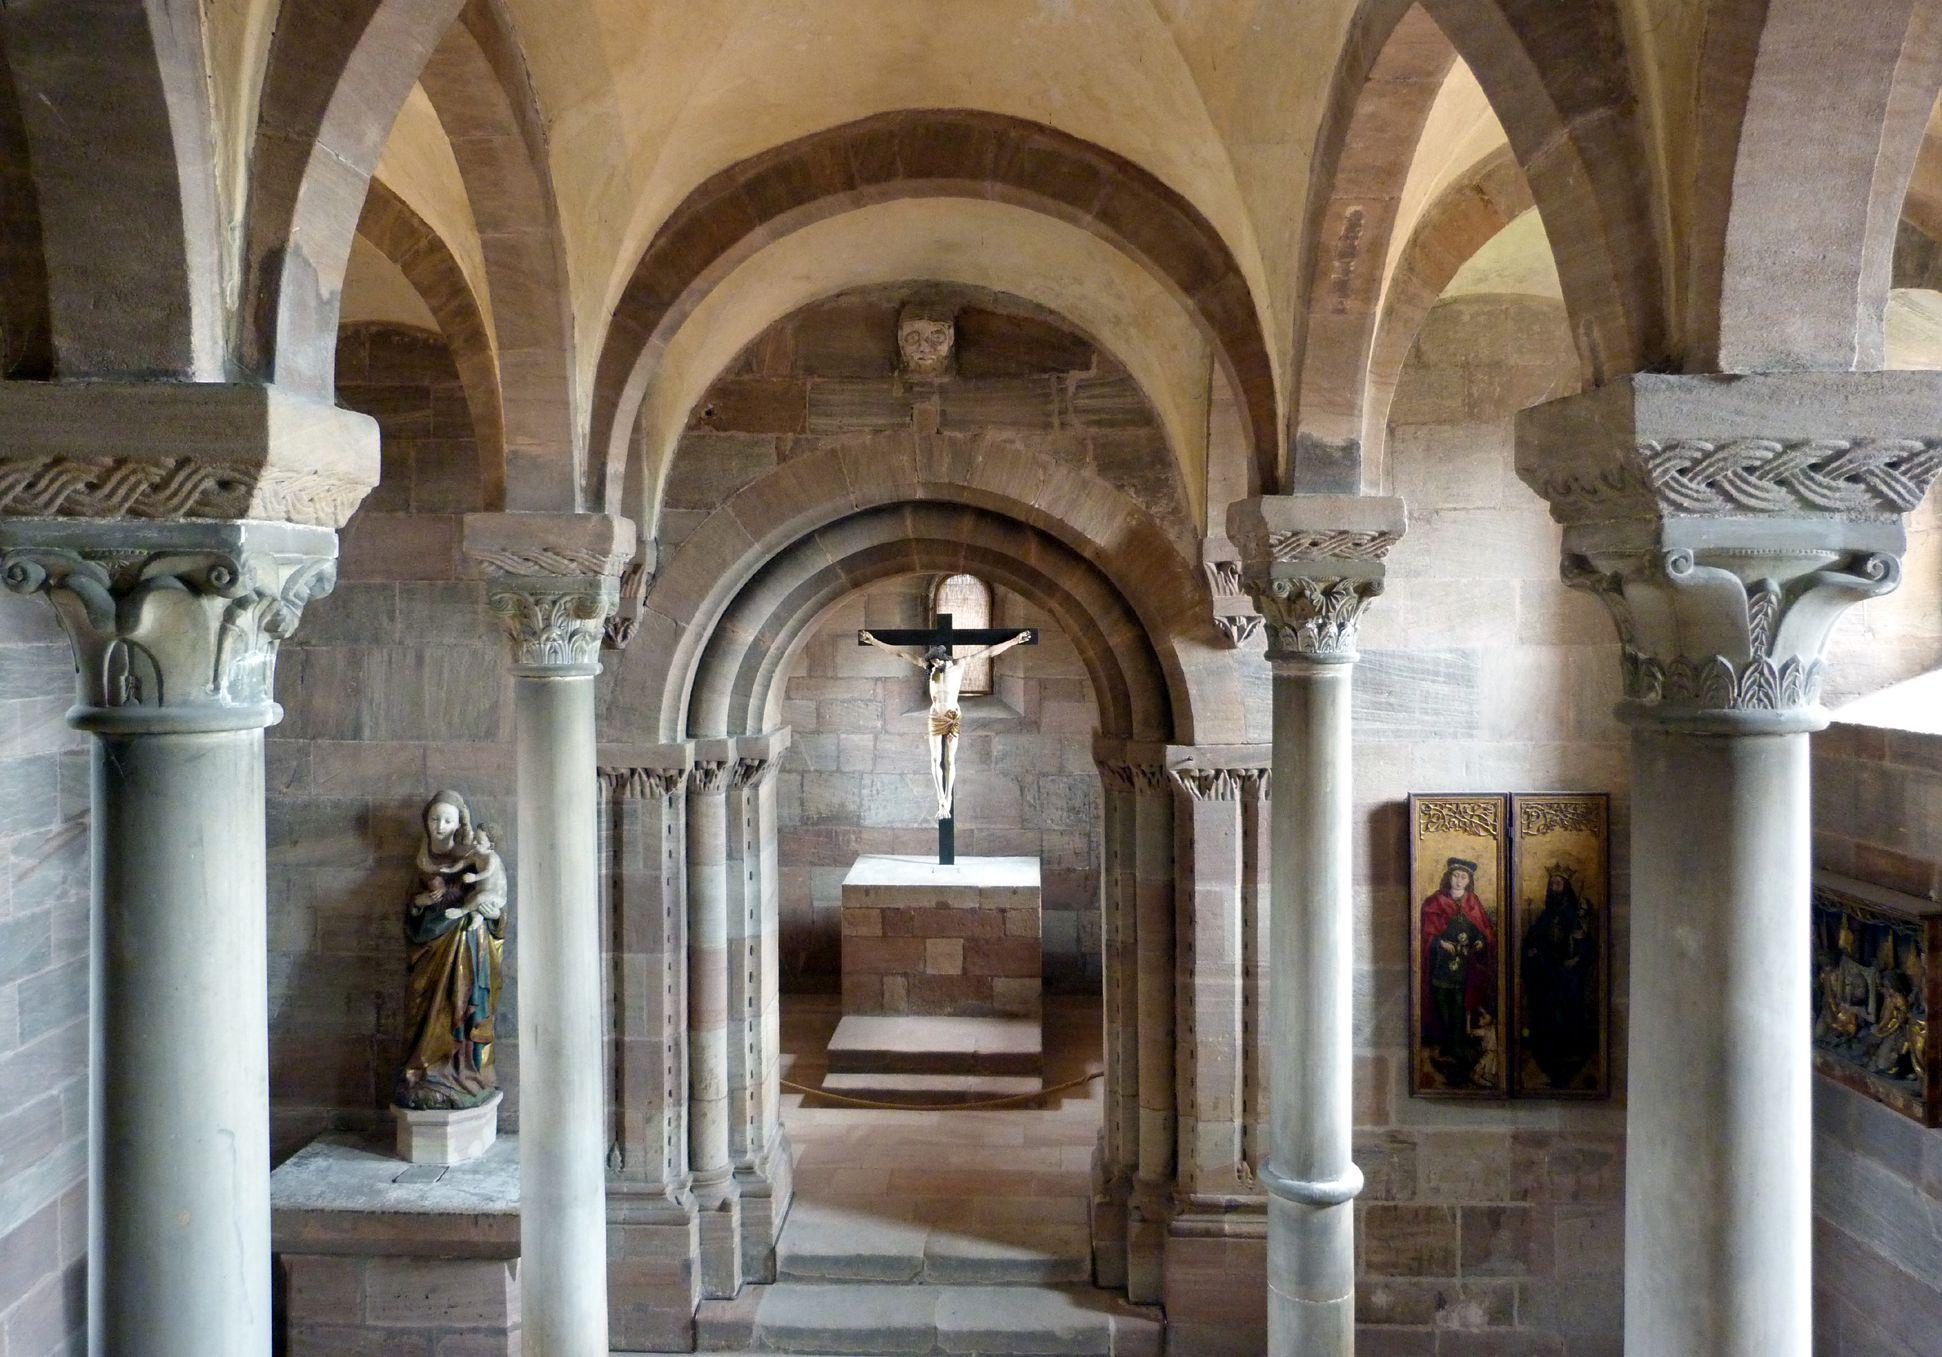 Kapelle der Kaiserburg Blick durch die Halle in den Turmchor von Westen nach Osten